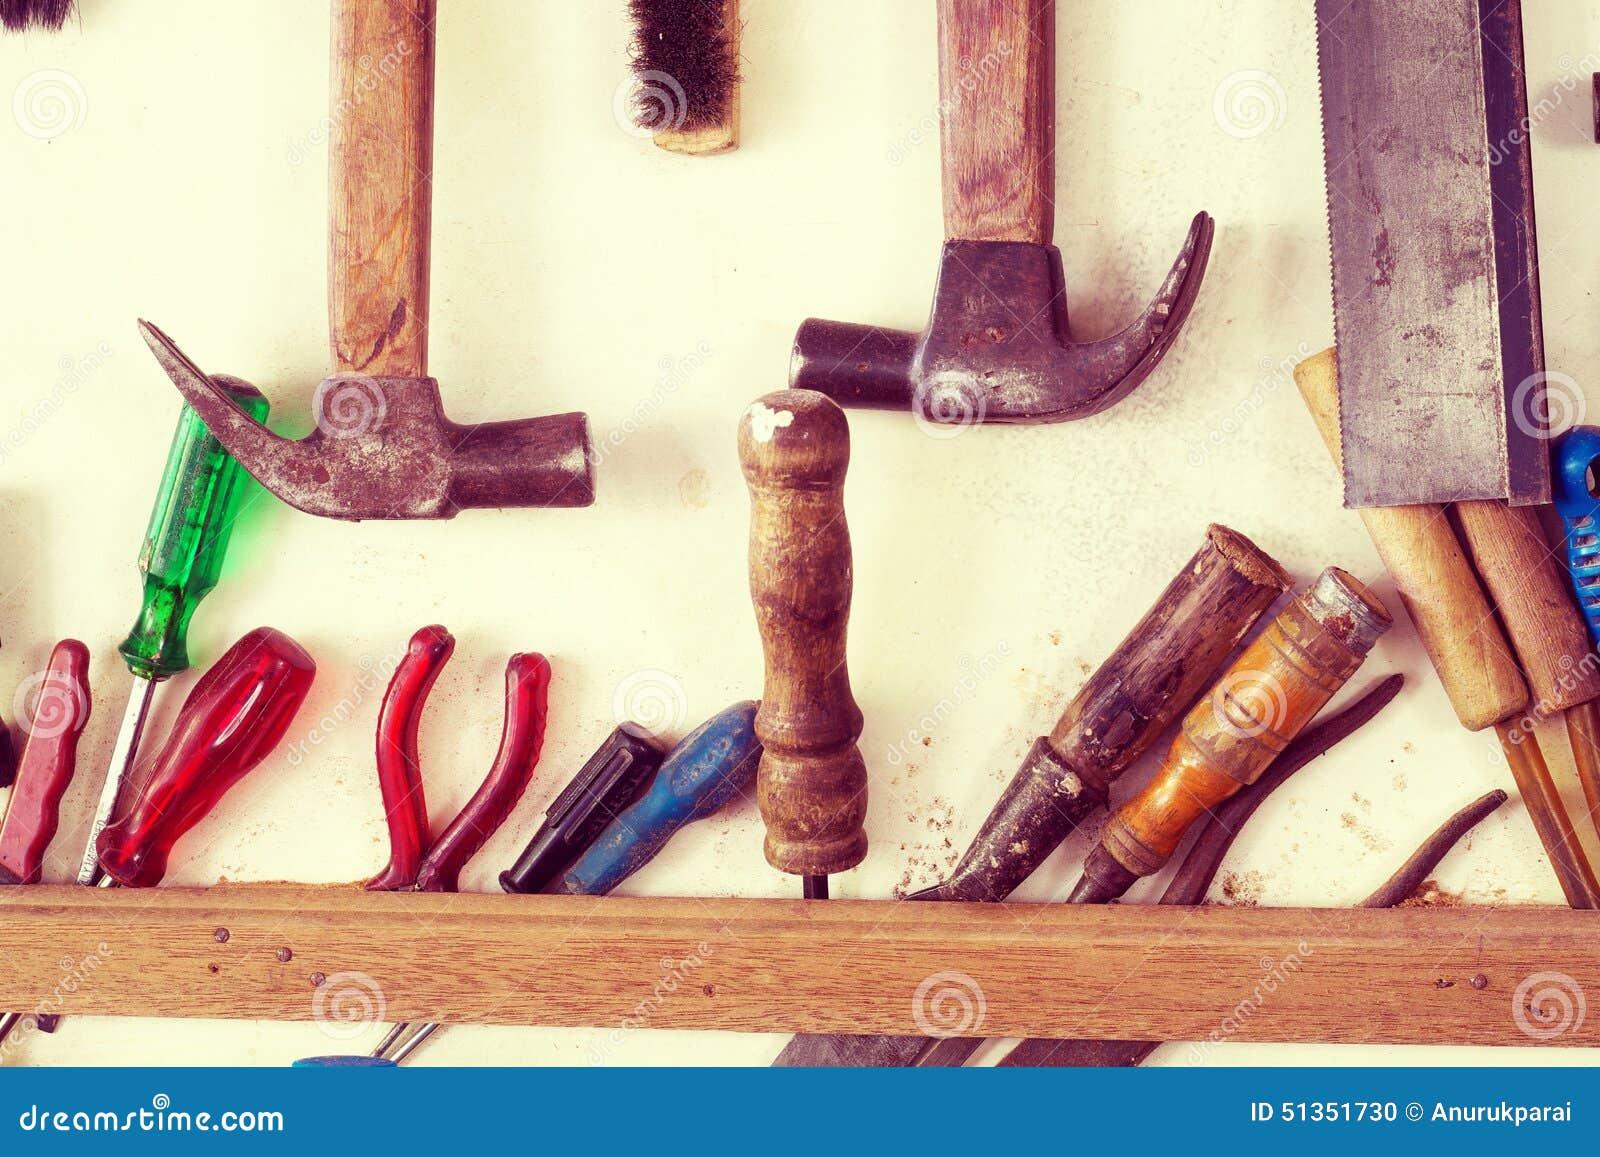 Strumenti Per Lavorare Il Legno : Strumenti assortiti per lavoro del legno fotografia stock